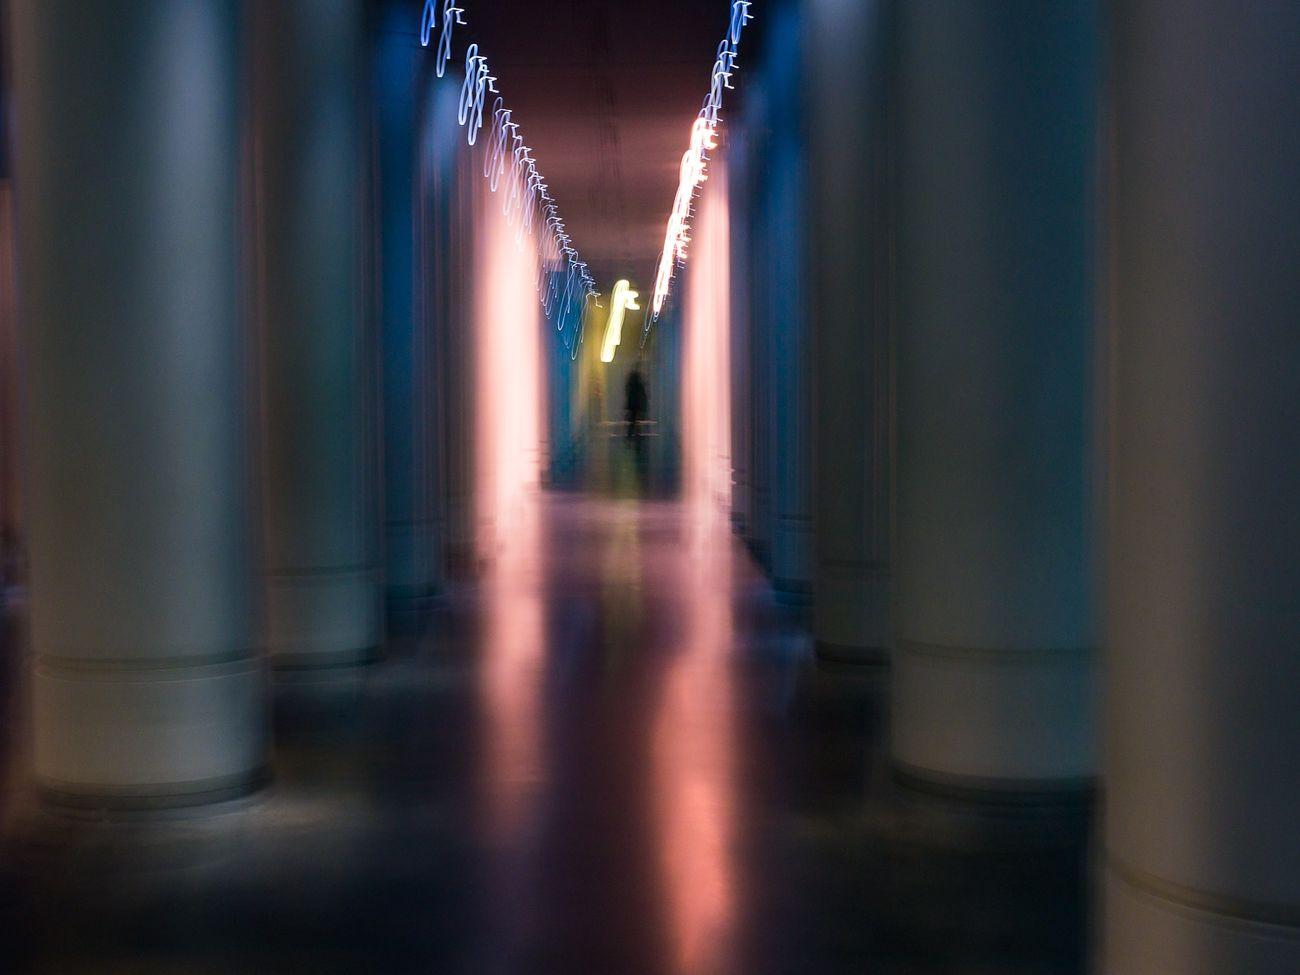 indoors, illuminated, no people, night, close-up